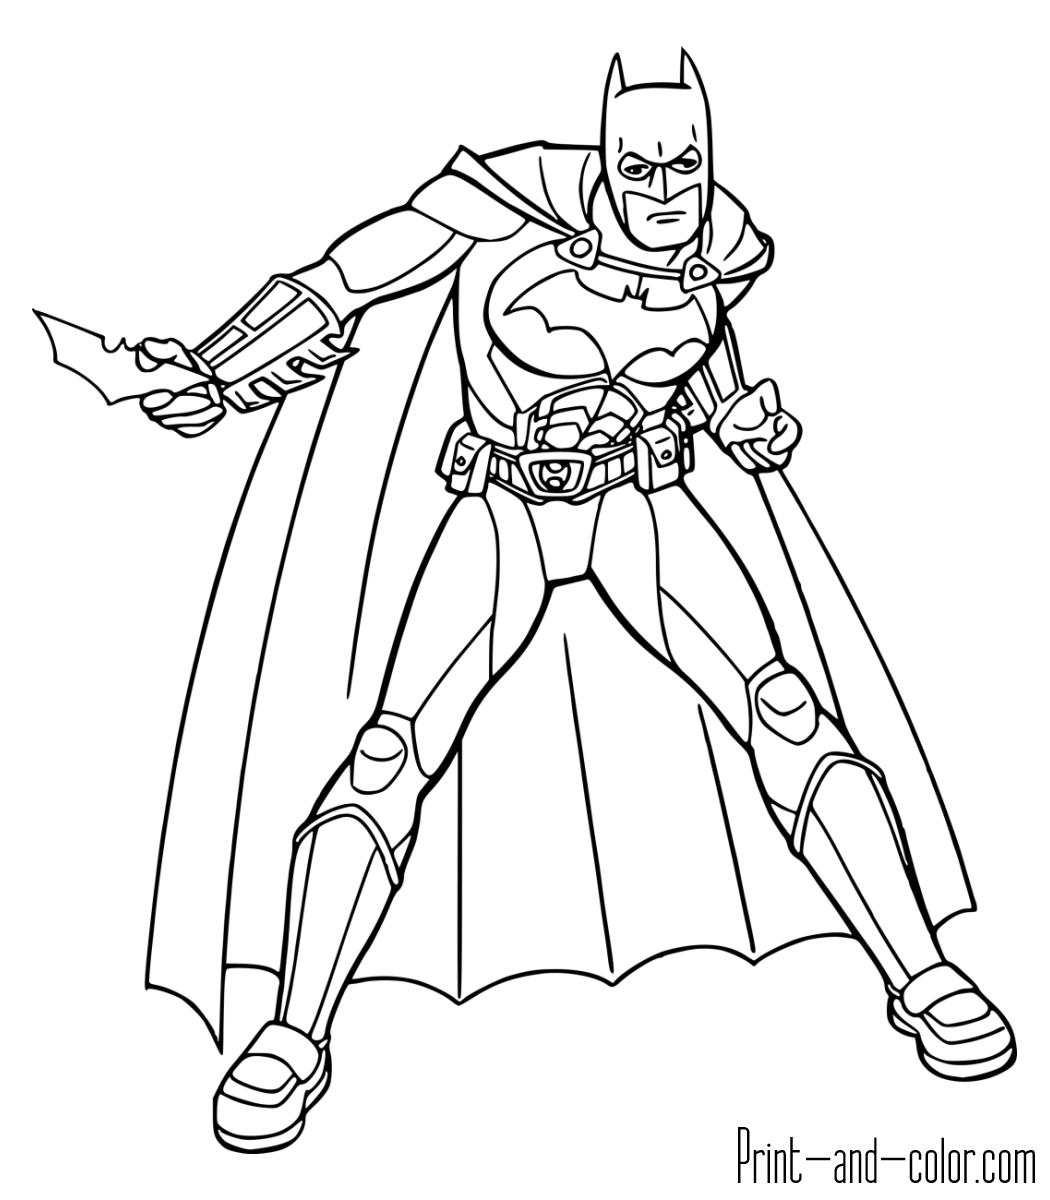 printable coloring sheets batman batman coloring pages coloring sheets batman printable